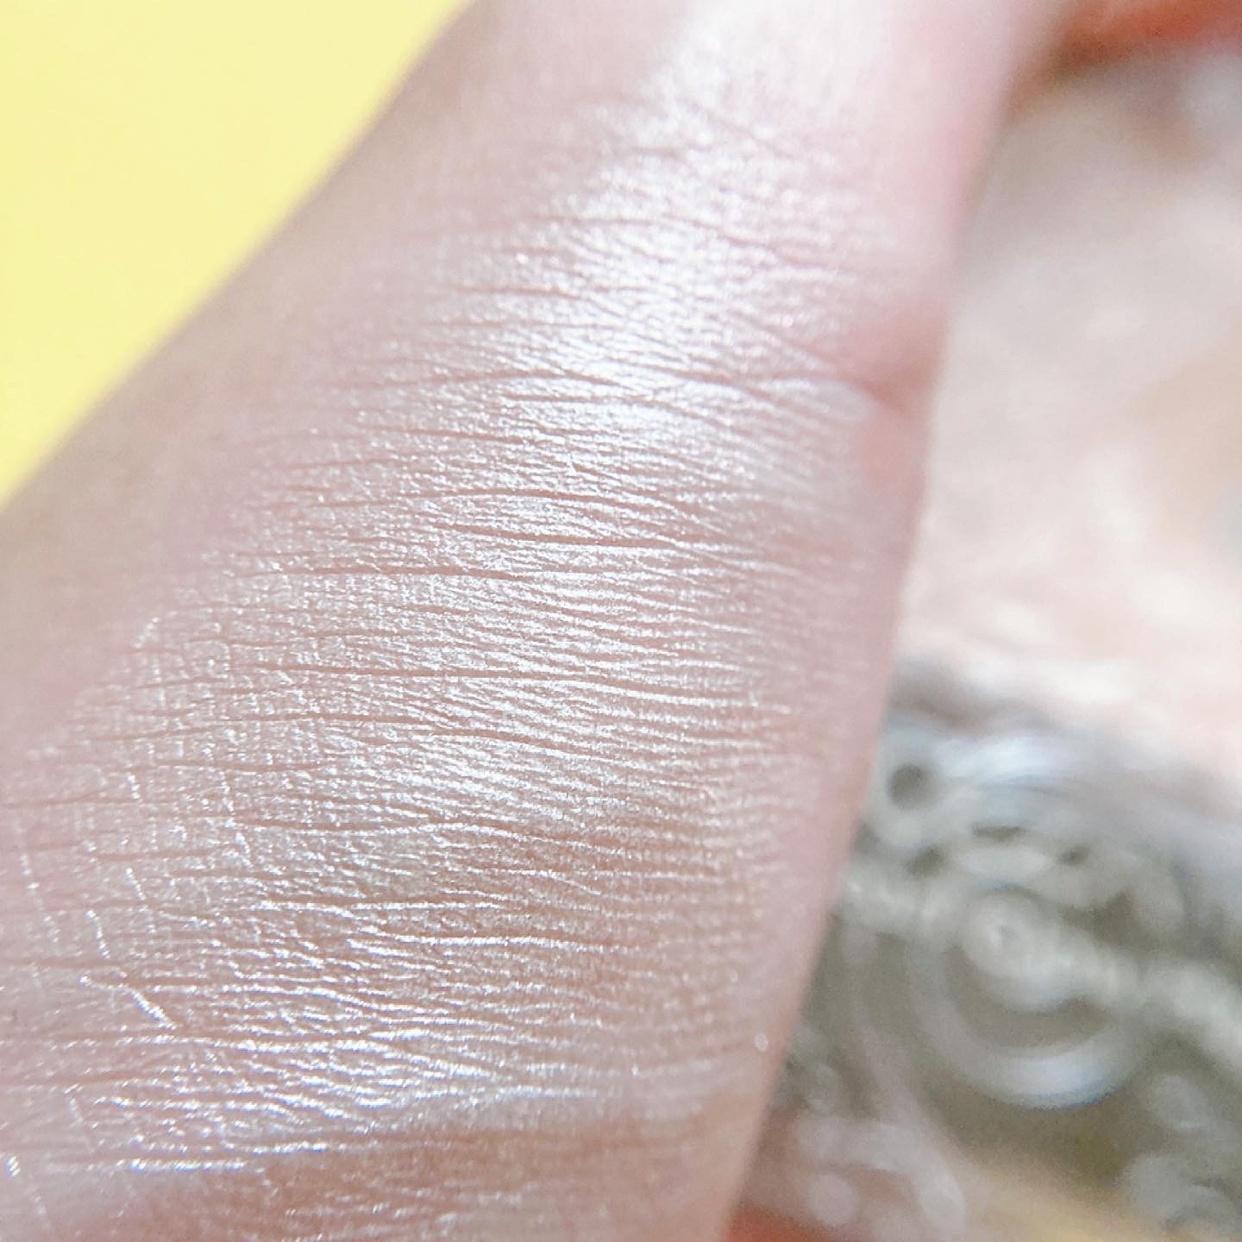 CEZANNE(セザンヌ)パールグロウハイライトを使ったyunaさんのクチコミ画像4